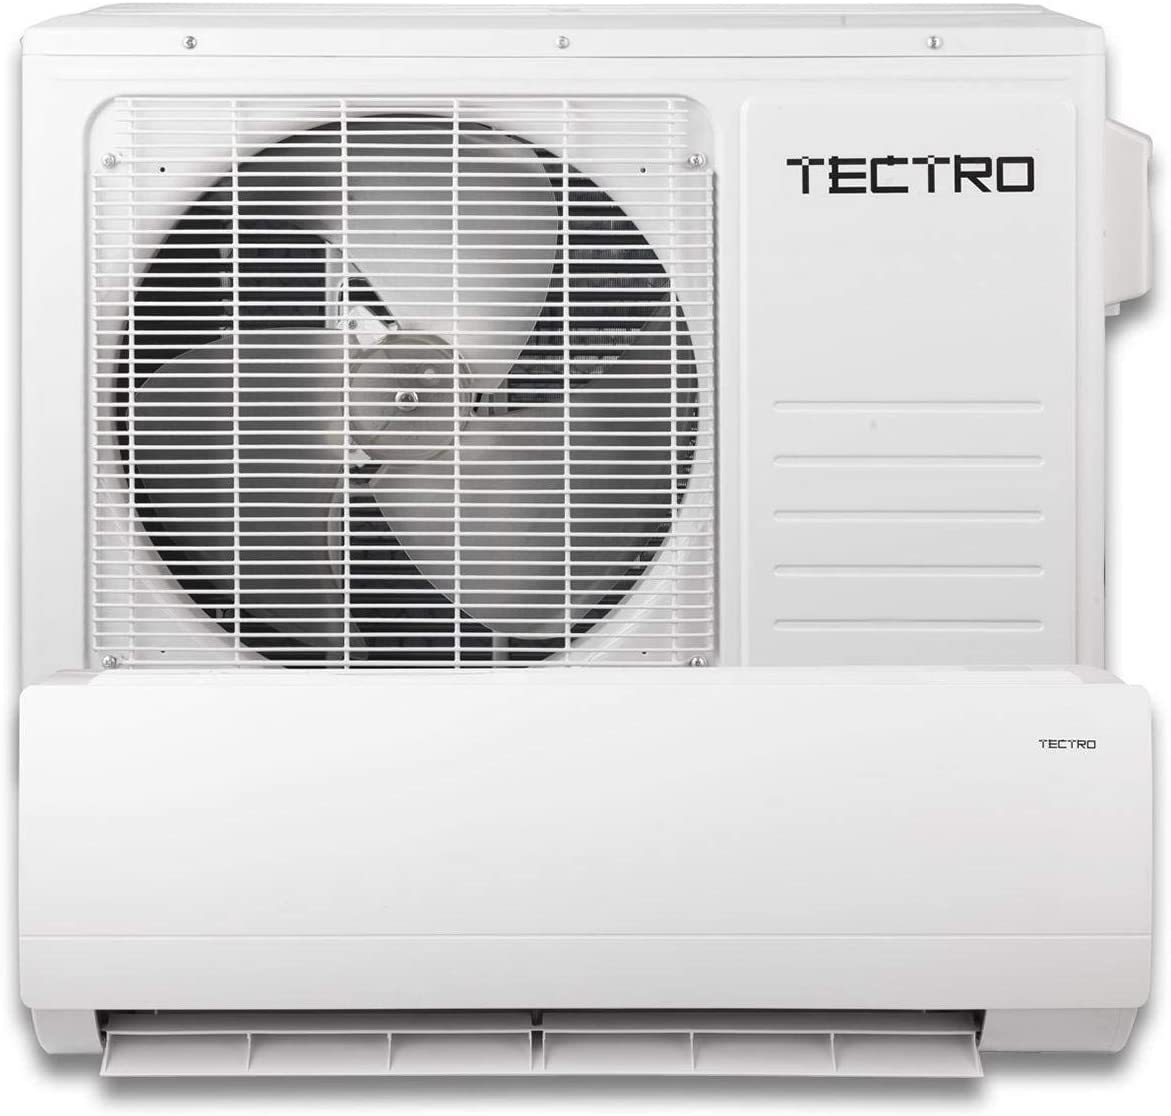 Climatizzatore Tectro Ts632 Inverter 12000 Btu Cl A Amazon It Casa E Cucina